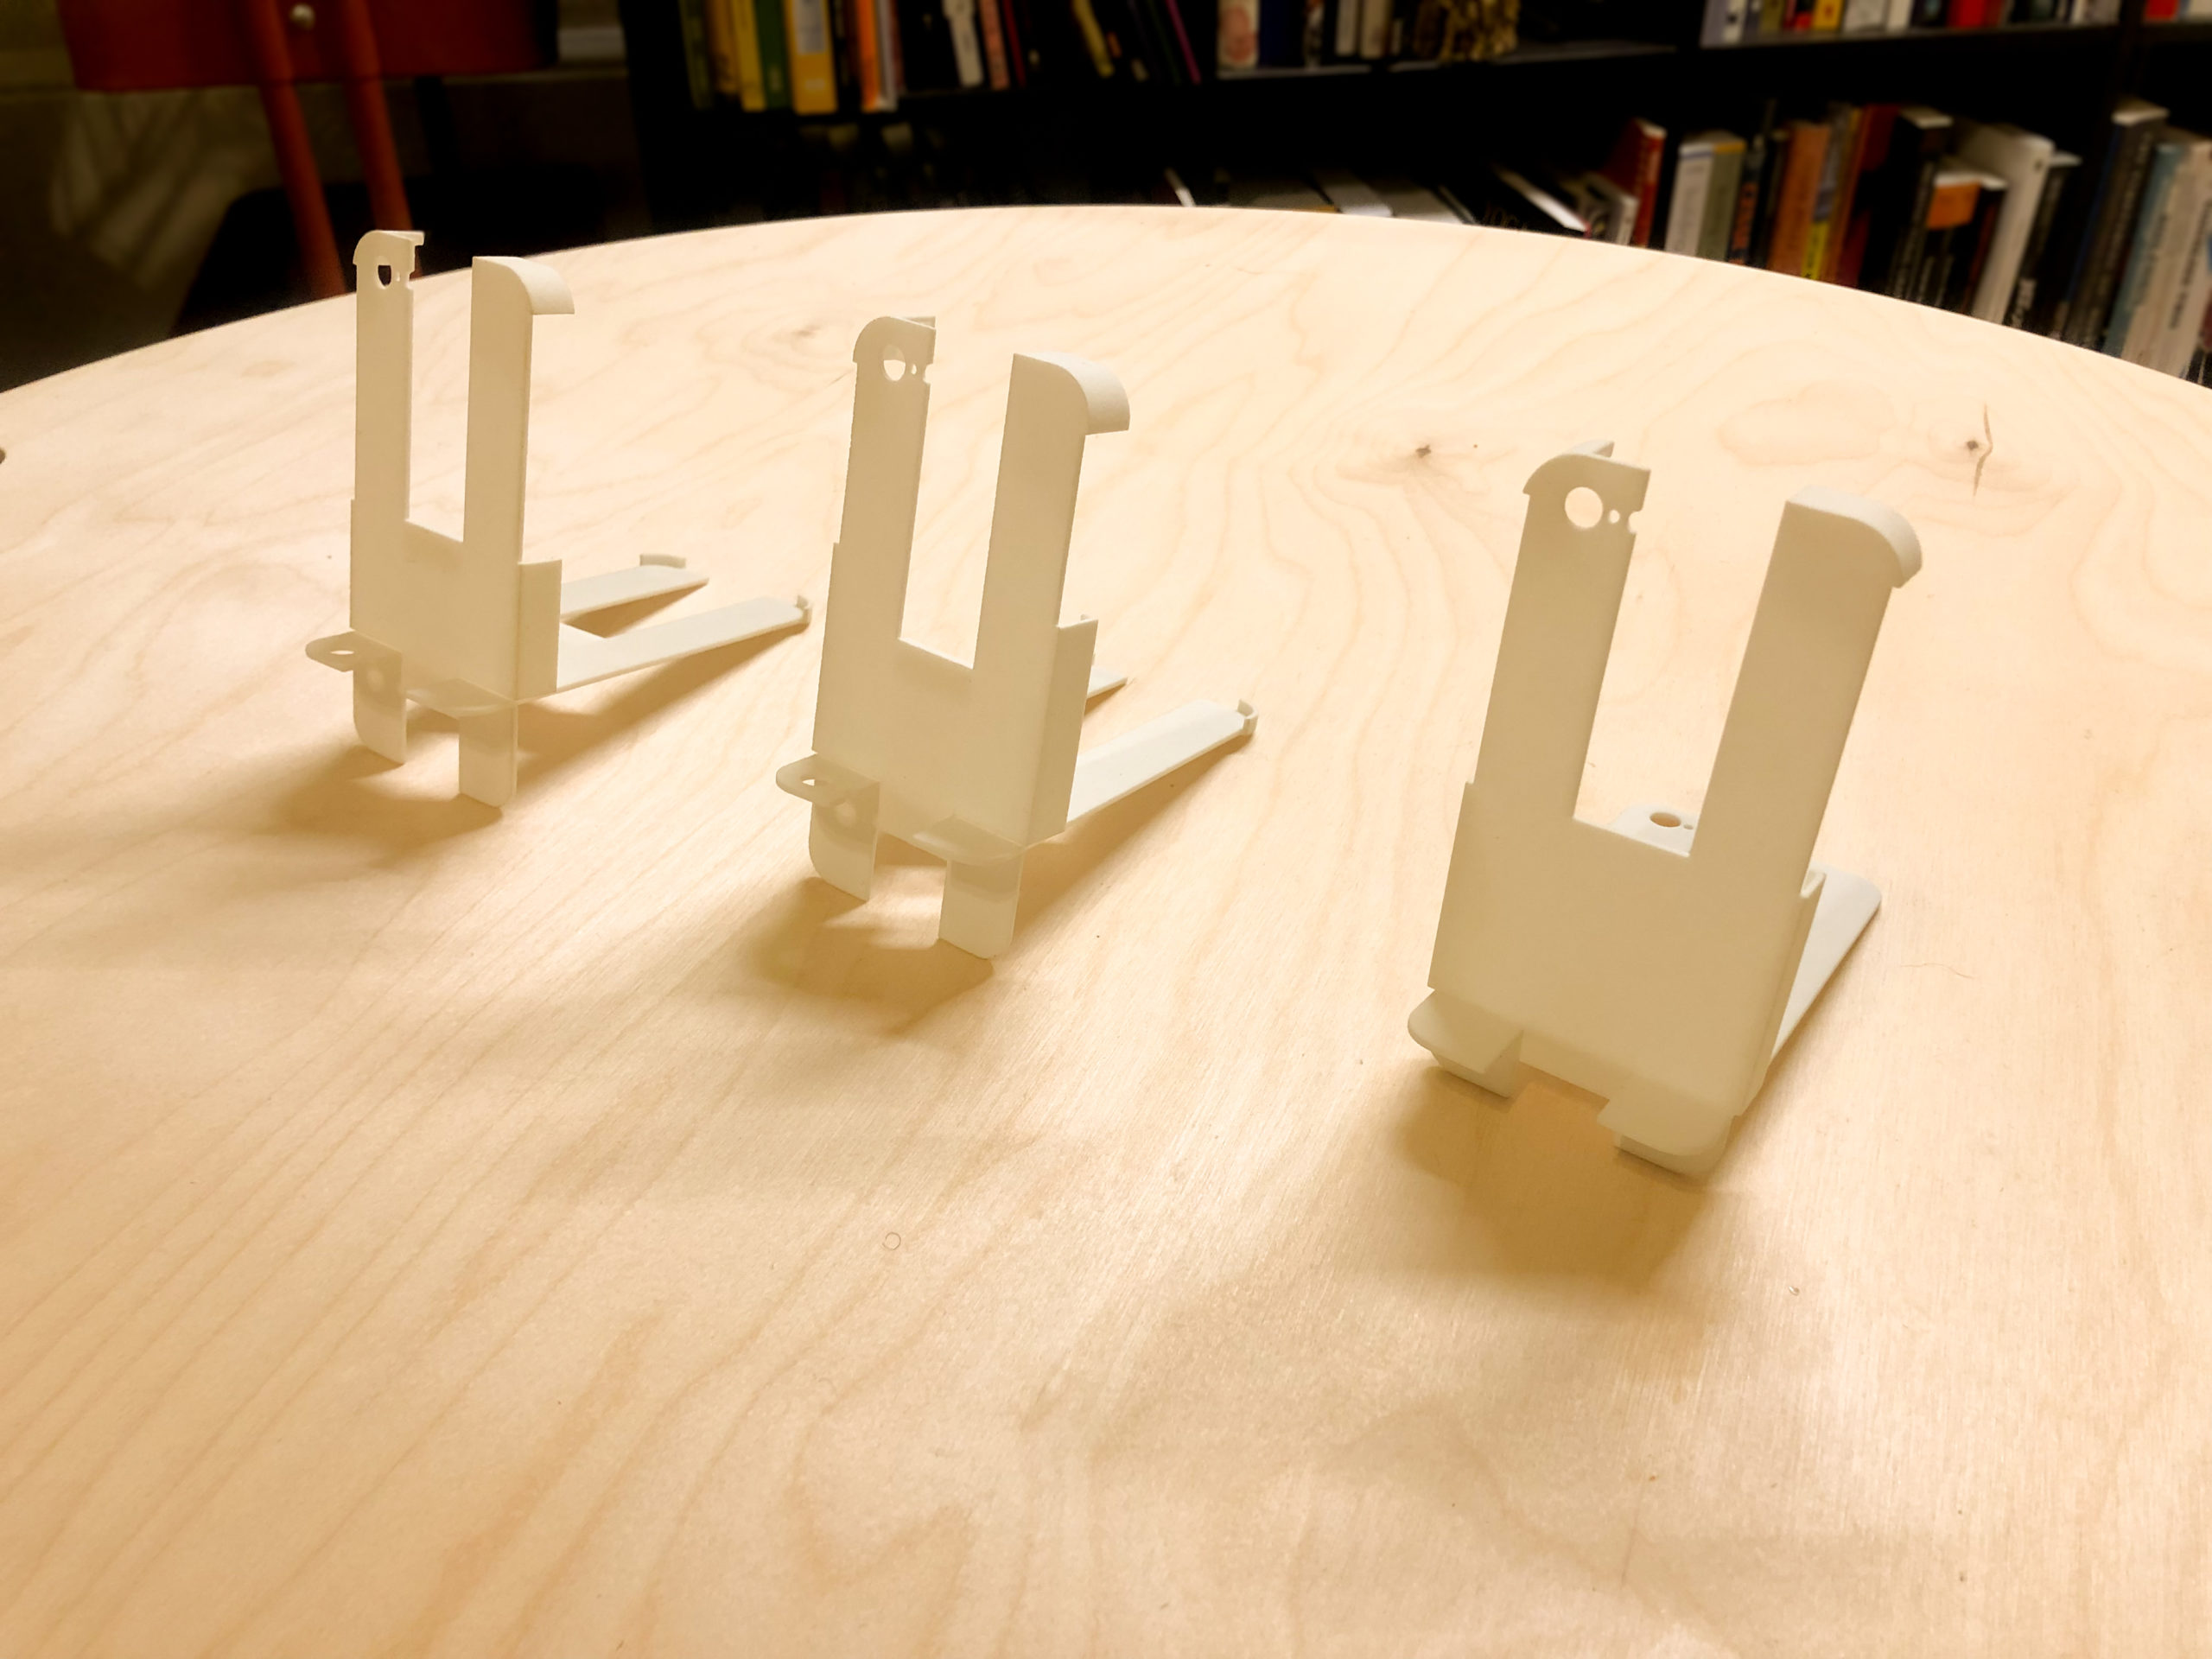 h-case prototypes